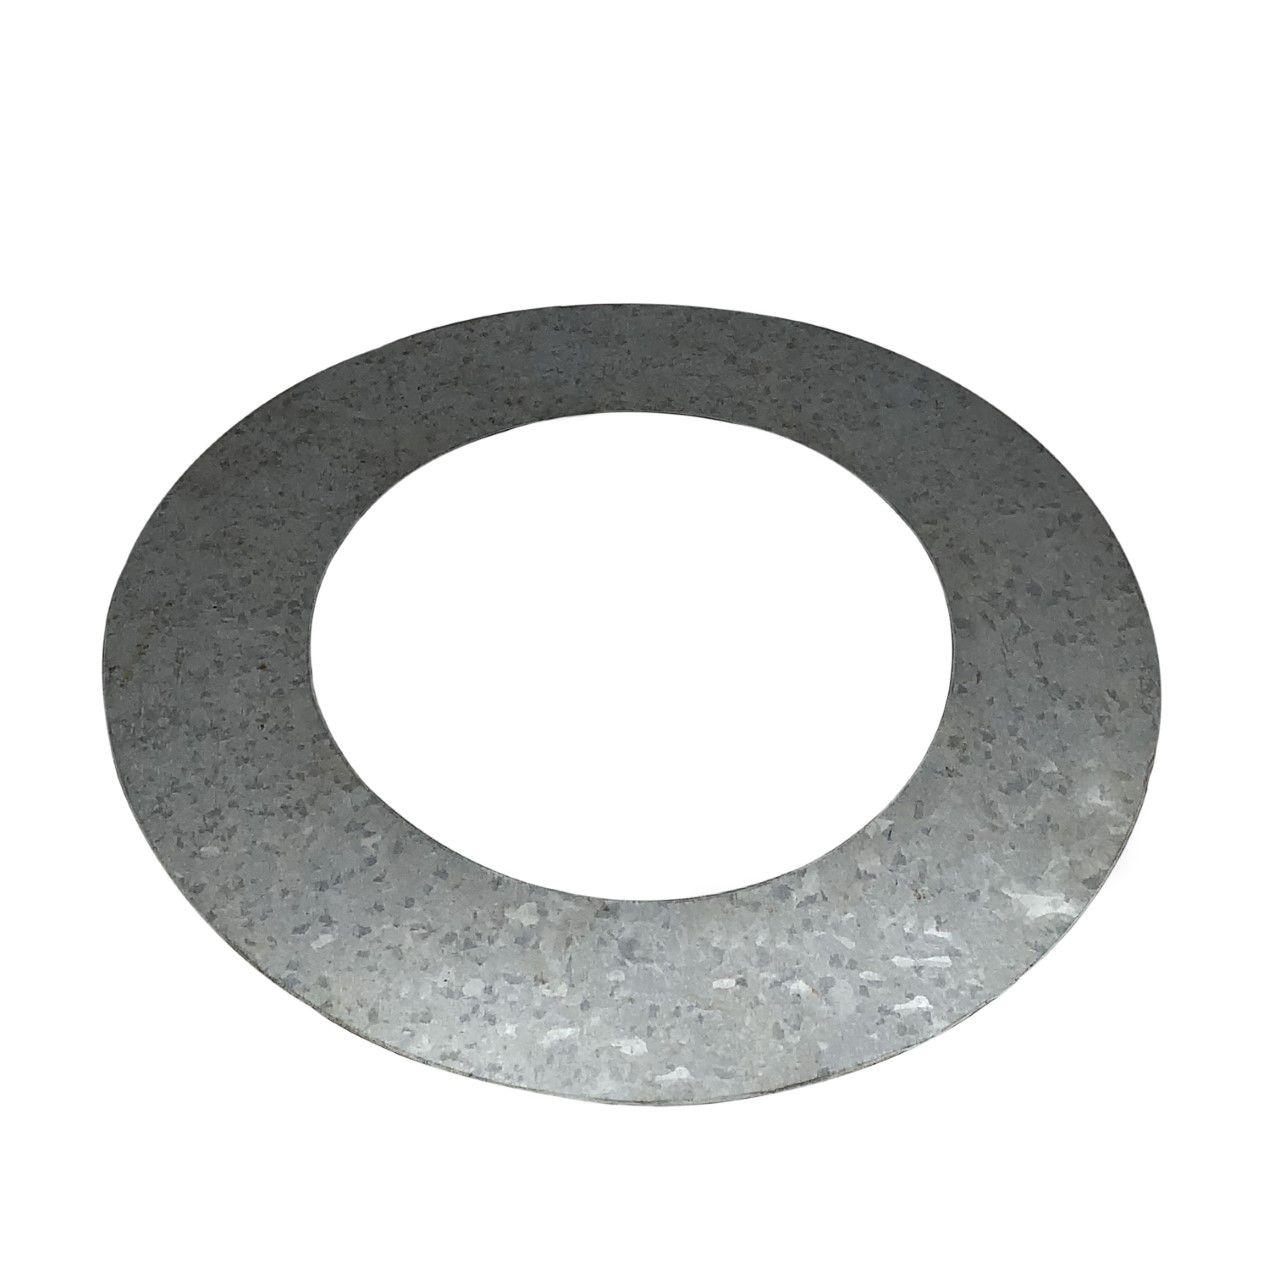 Anel de acabamento galvanizado para laje ou parede para dutos de 300 mm de diâmetro  - Galvocalhas